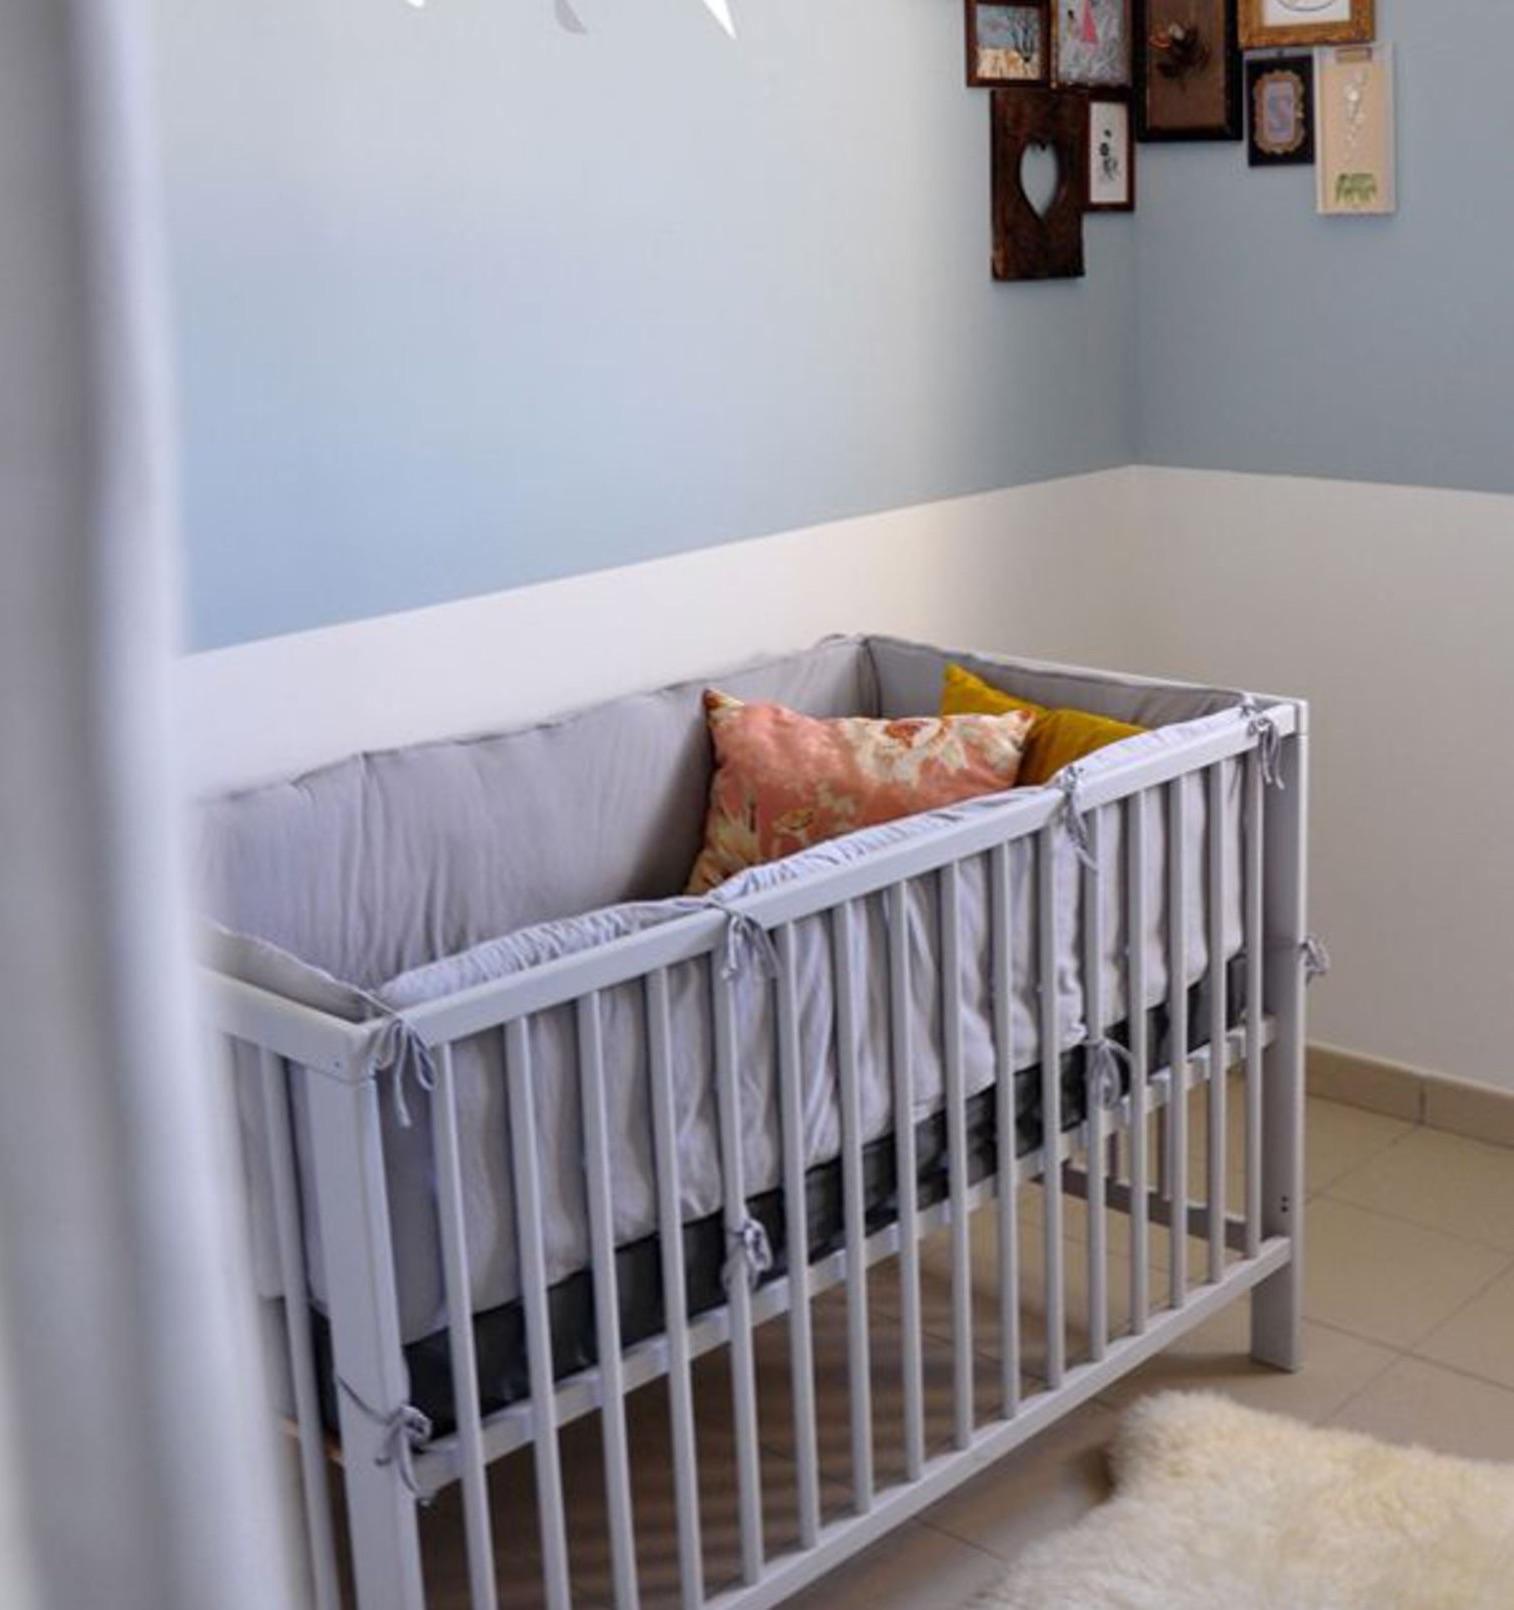 Couleur zen chambre bebe 20170602160940 for Peinture pour lit bebe